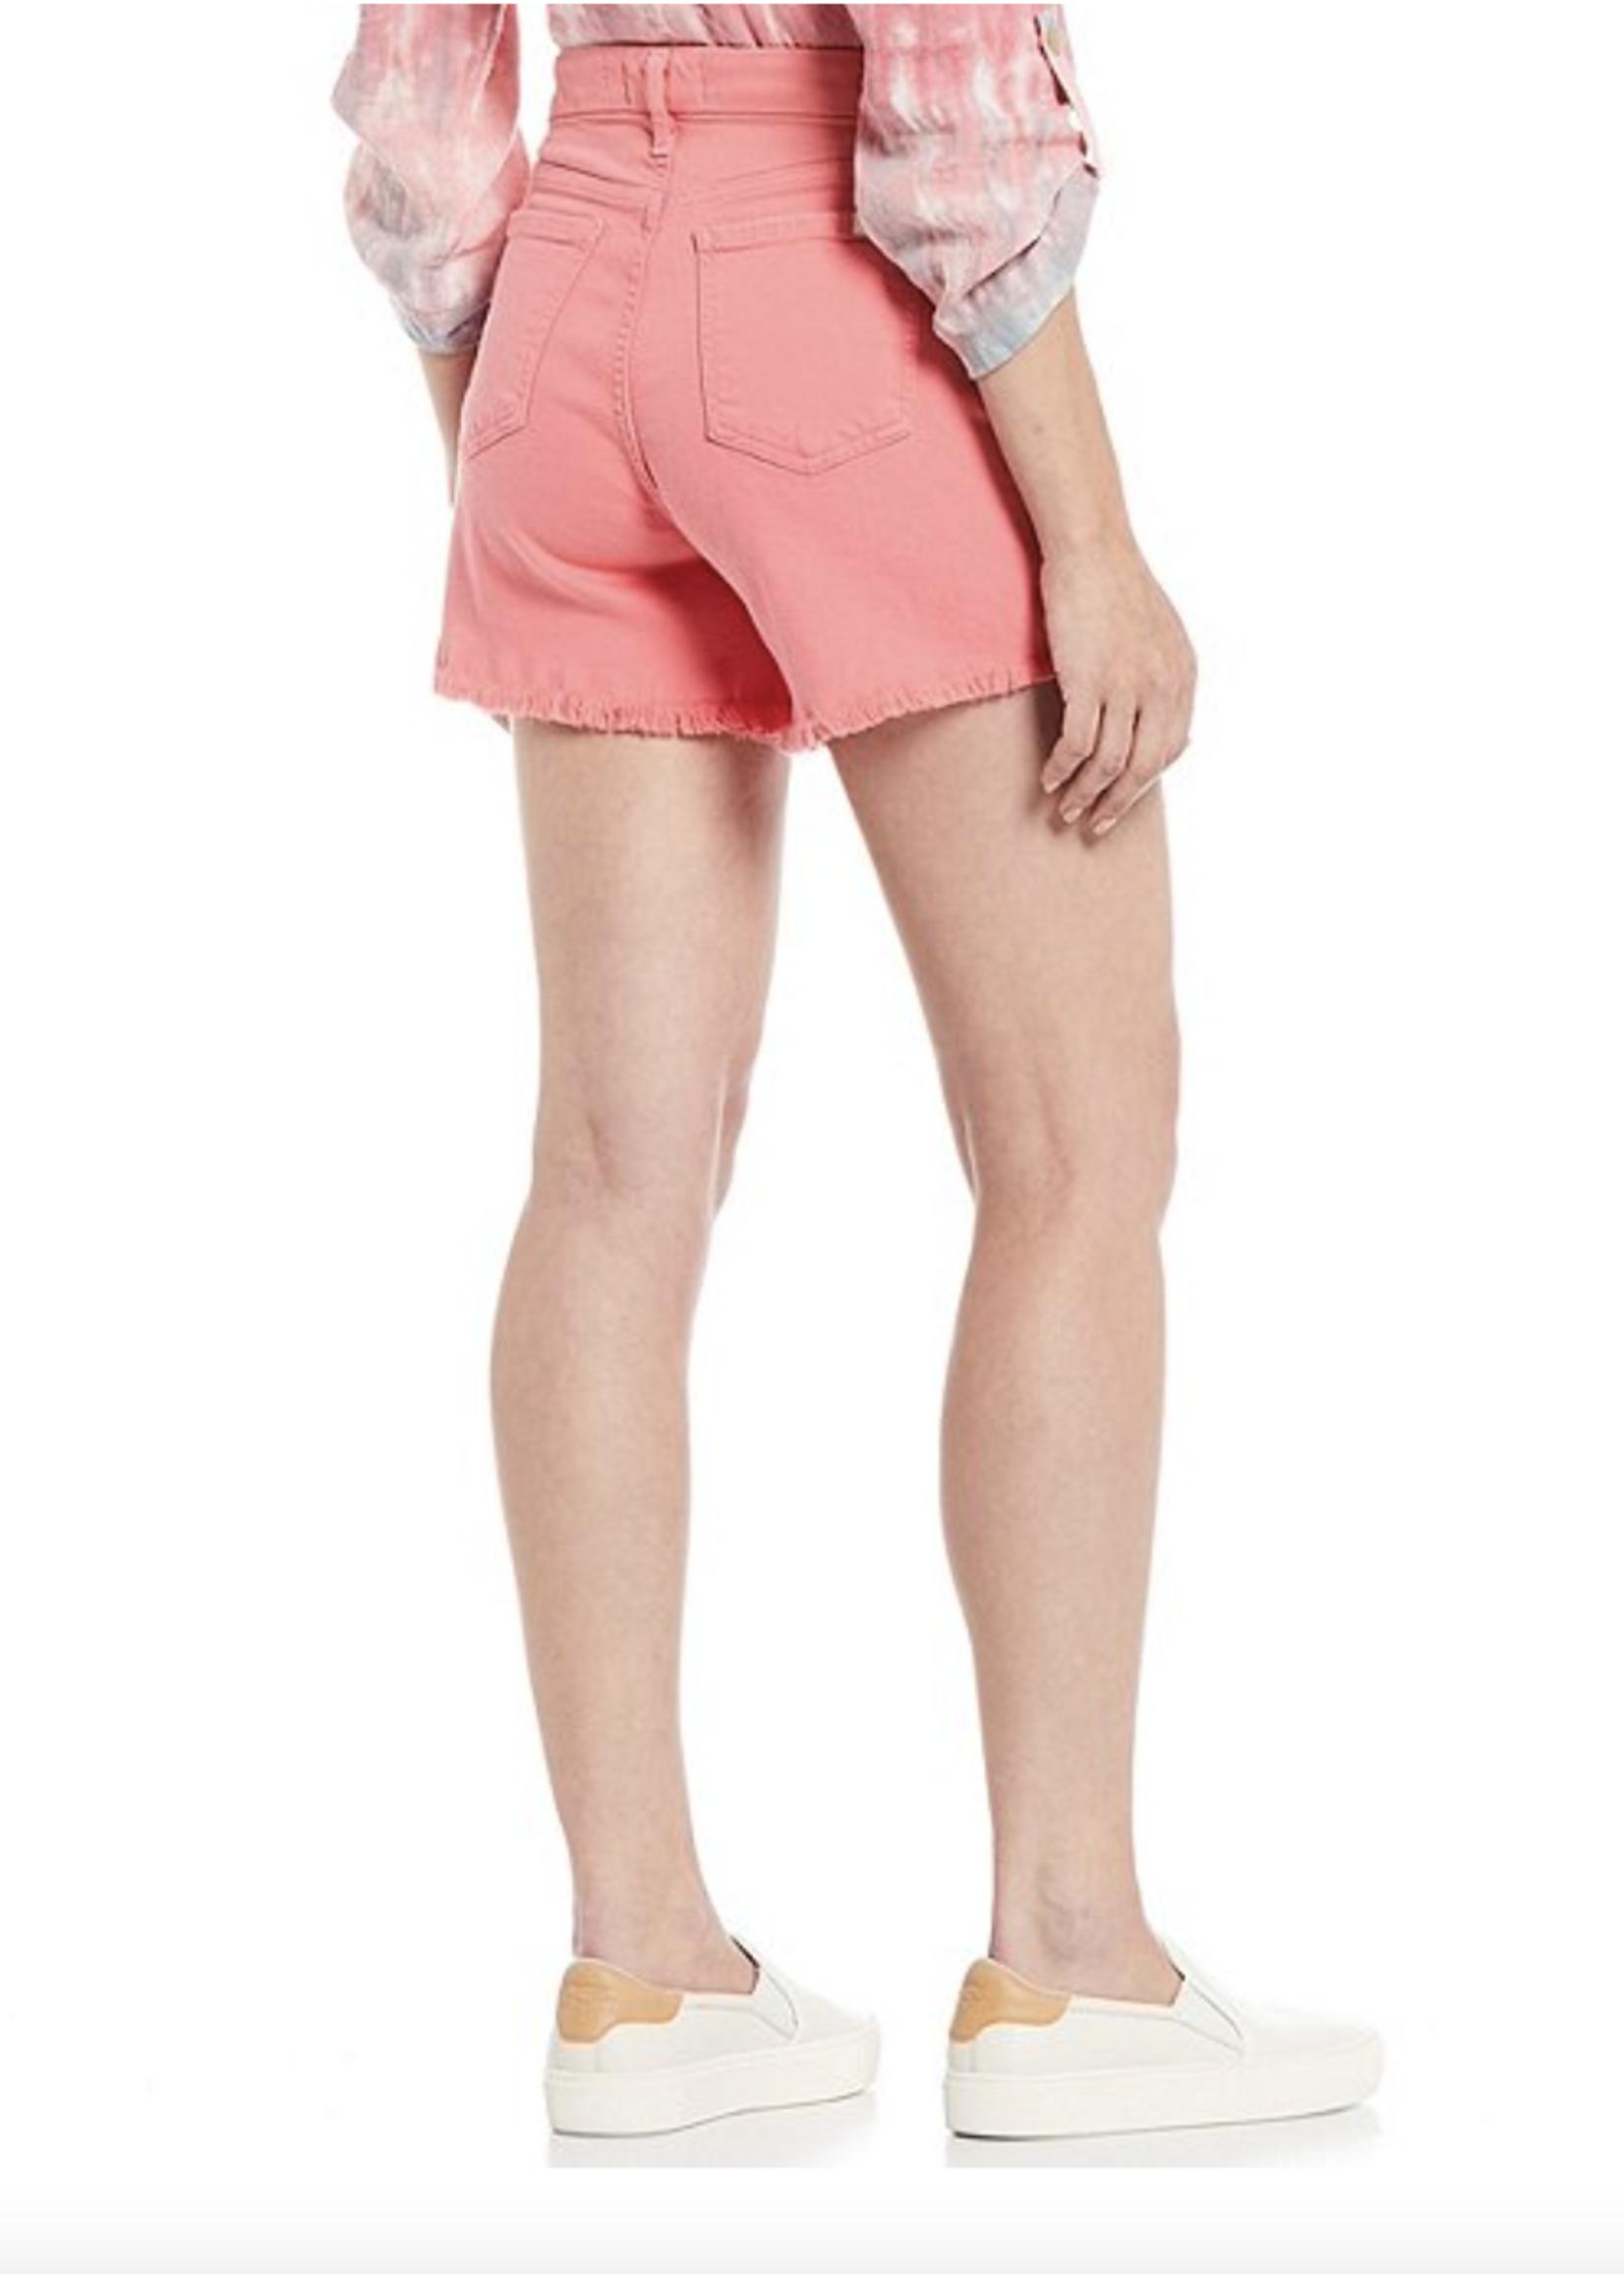 Jen7 Jen7 Pink Short With Frayed Hem